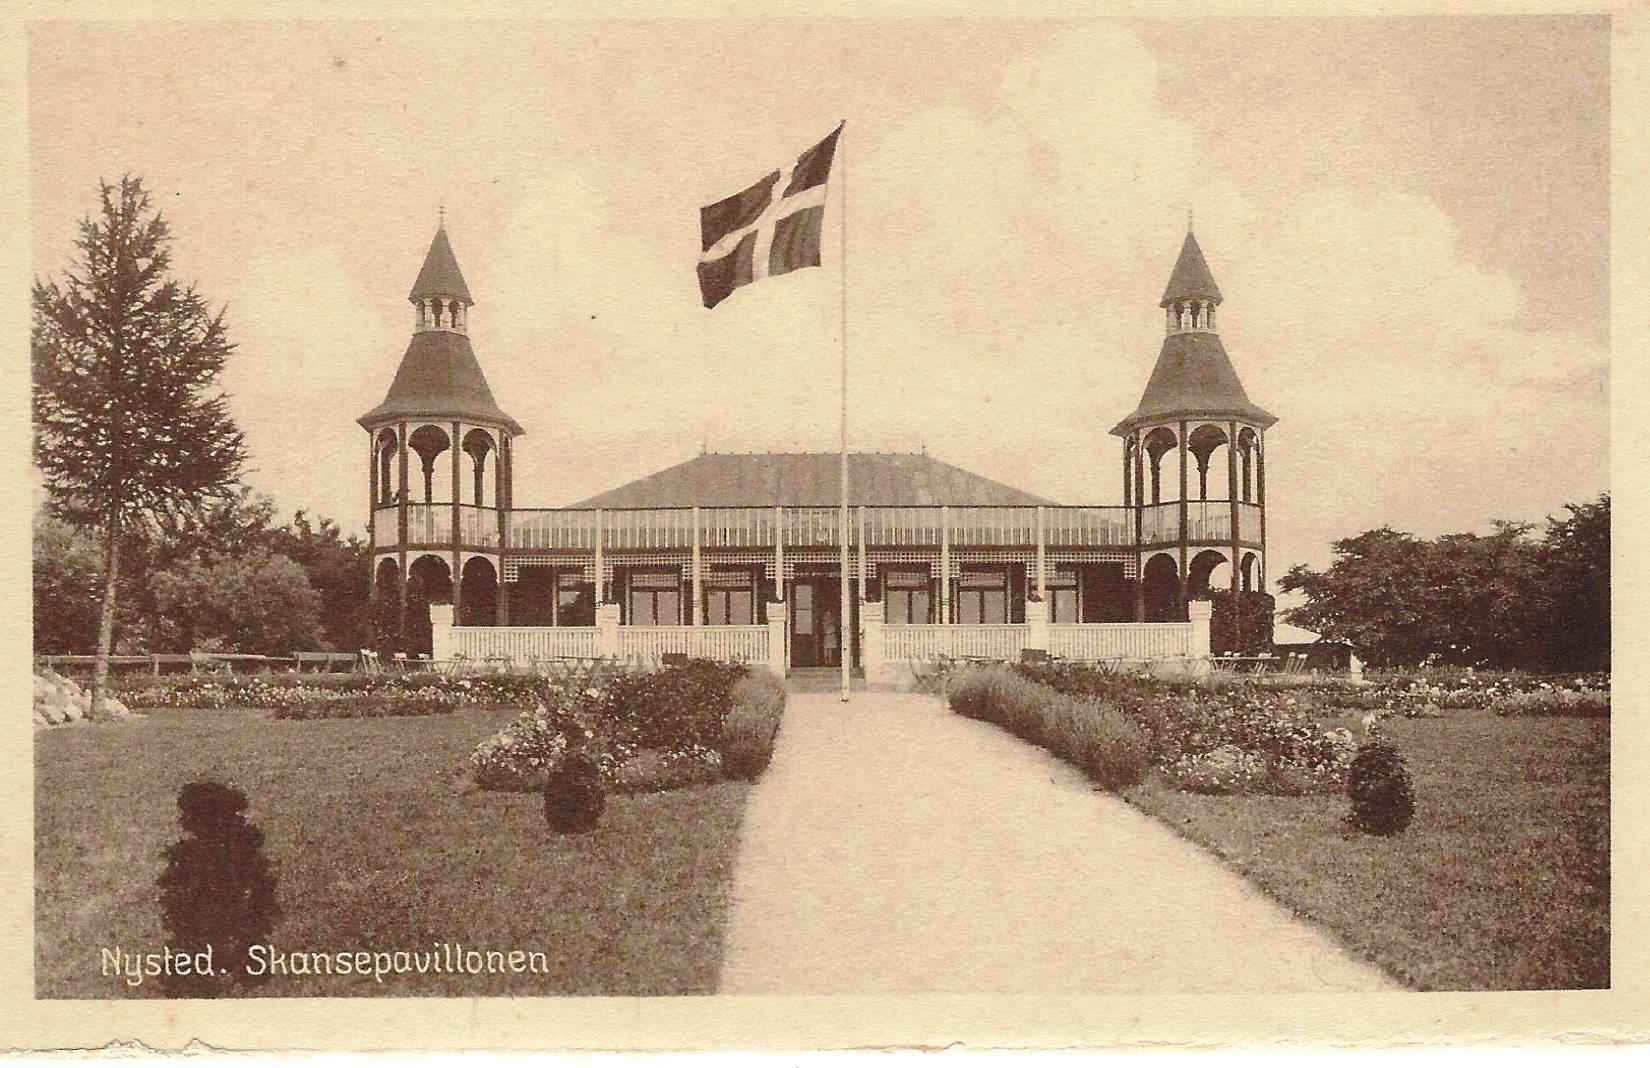 15-Skansepavillonen-1948-01